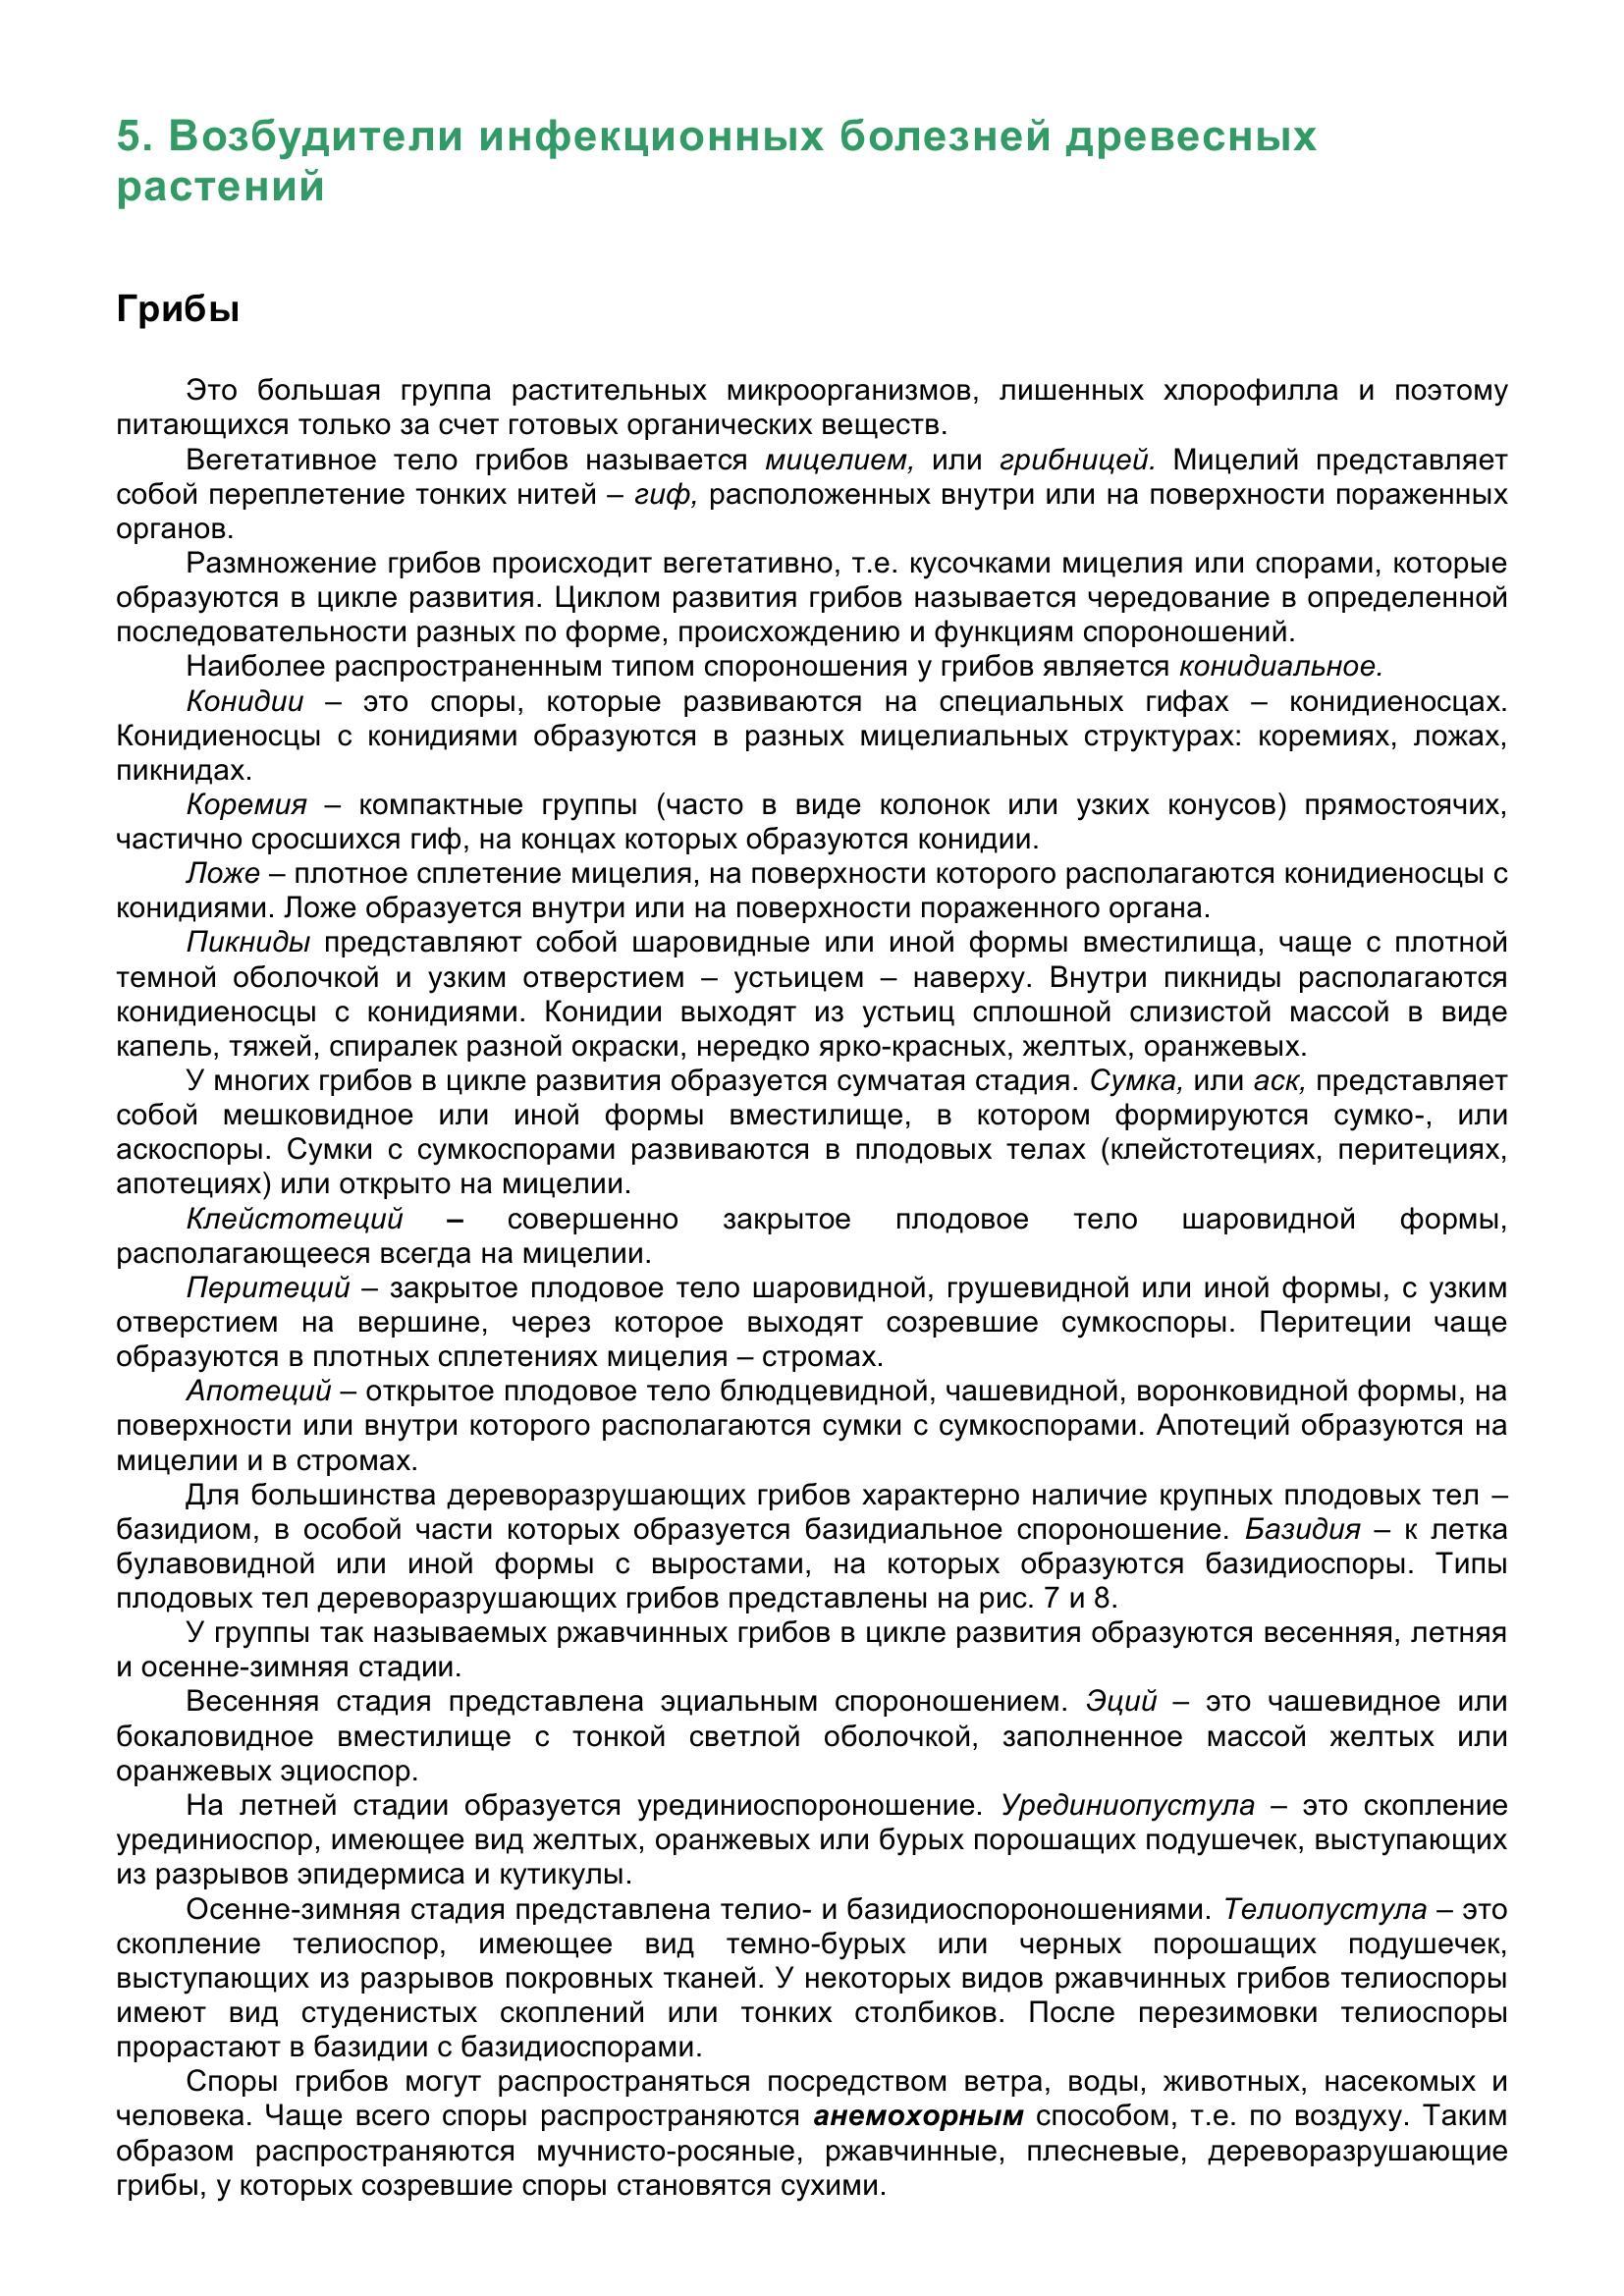 Болезни_древесных_растений_017.jpg